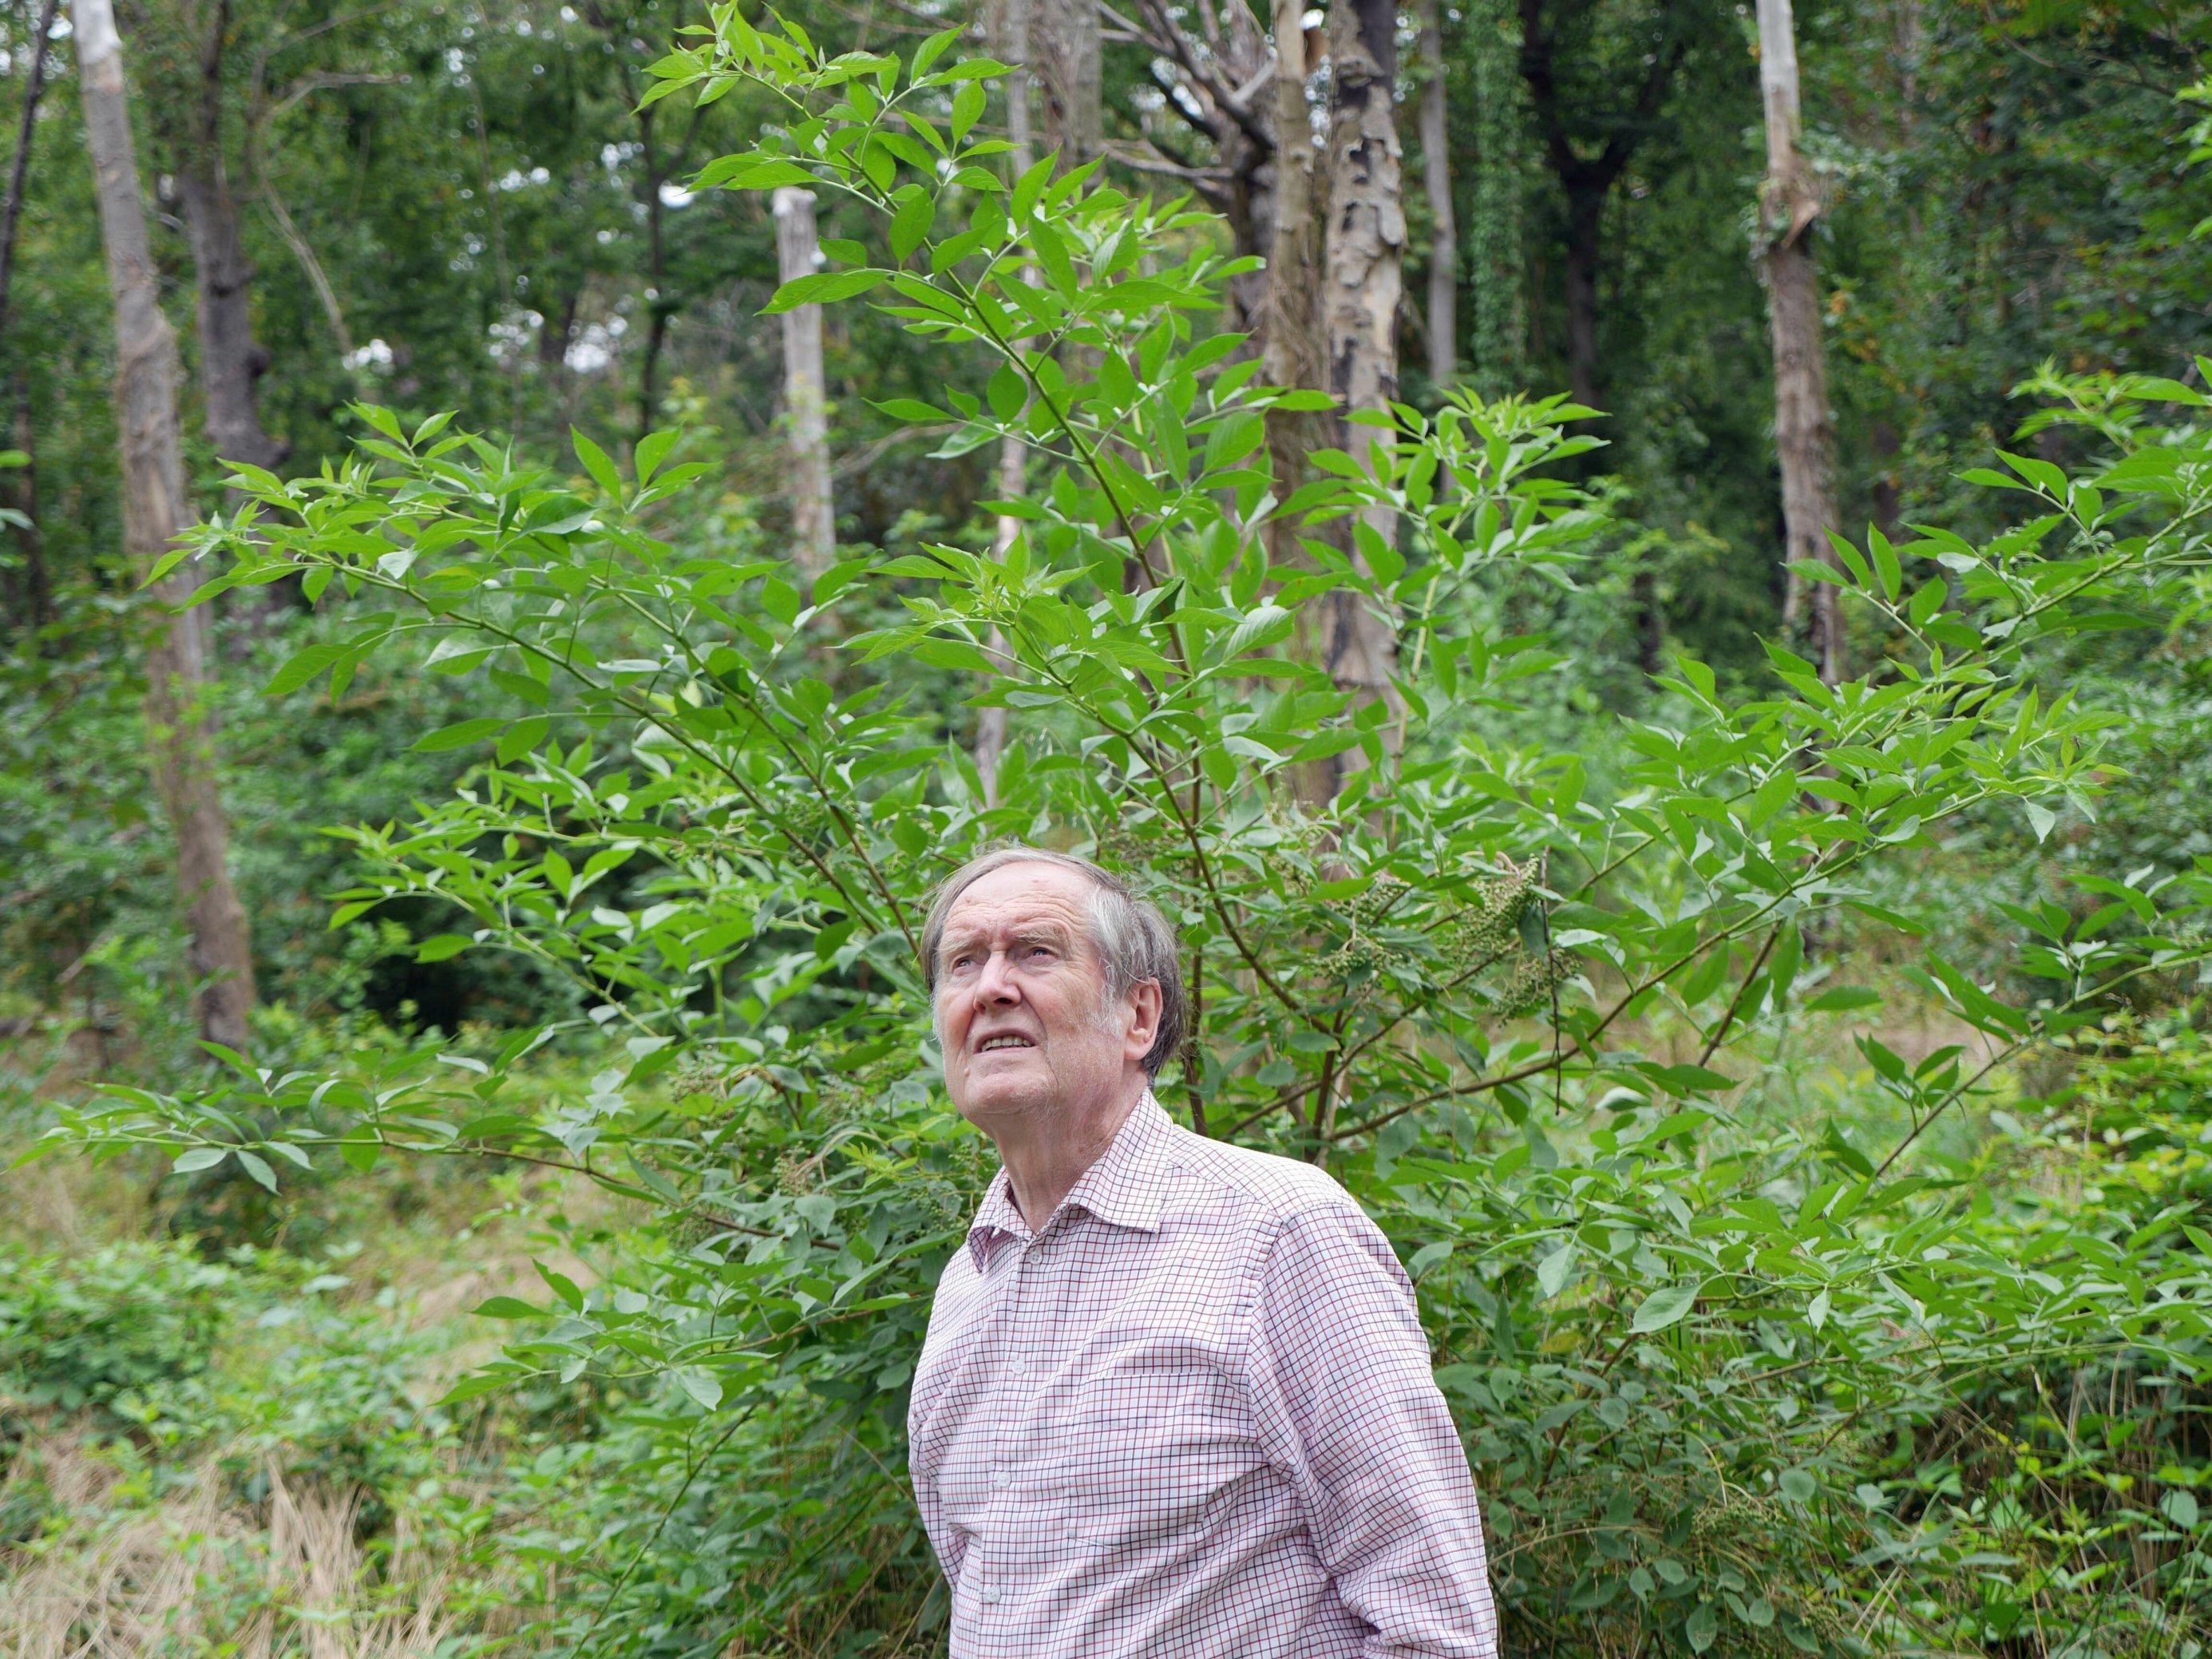 Mann steht vor toten Bäumen im Wald und blickt nach oben